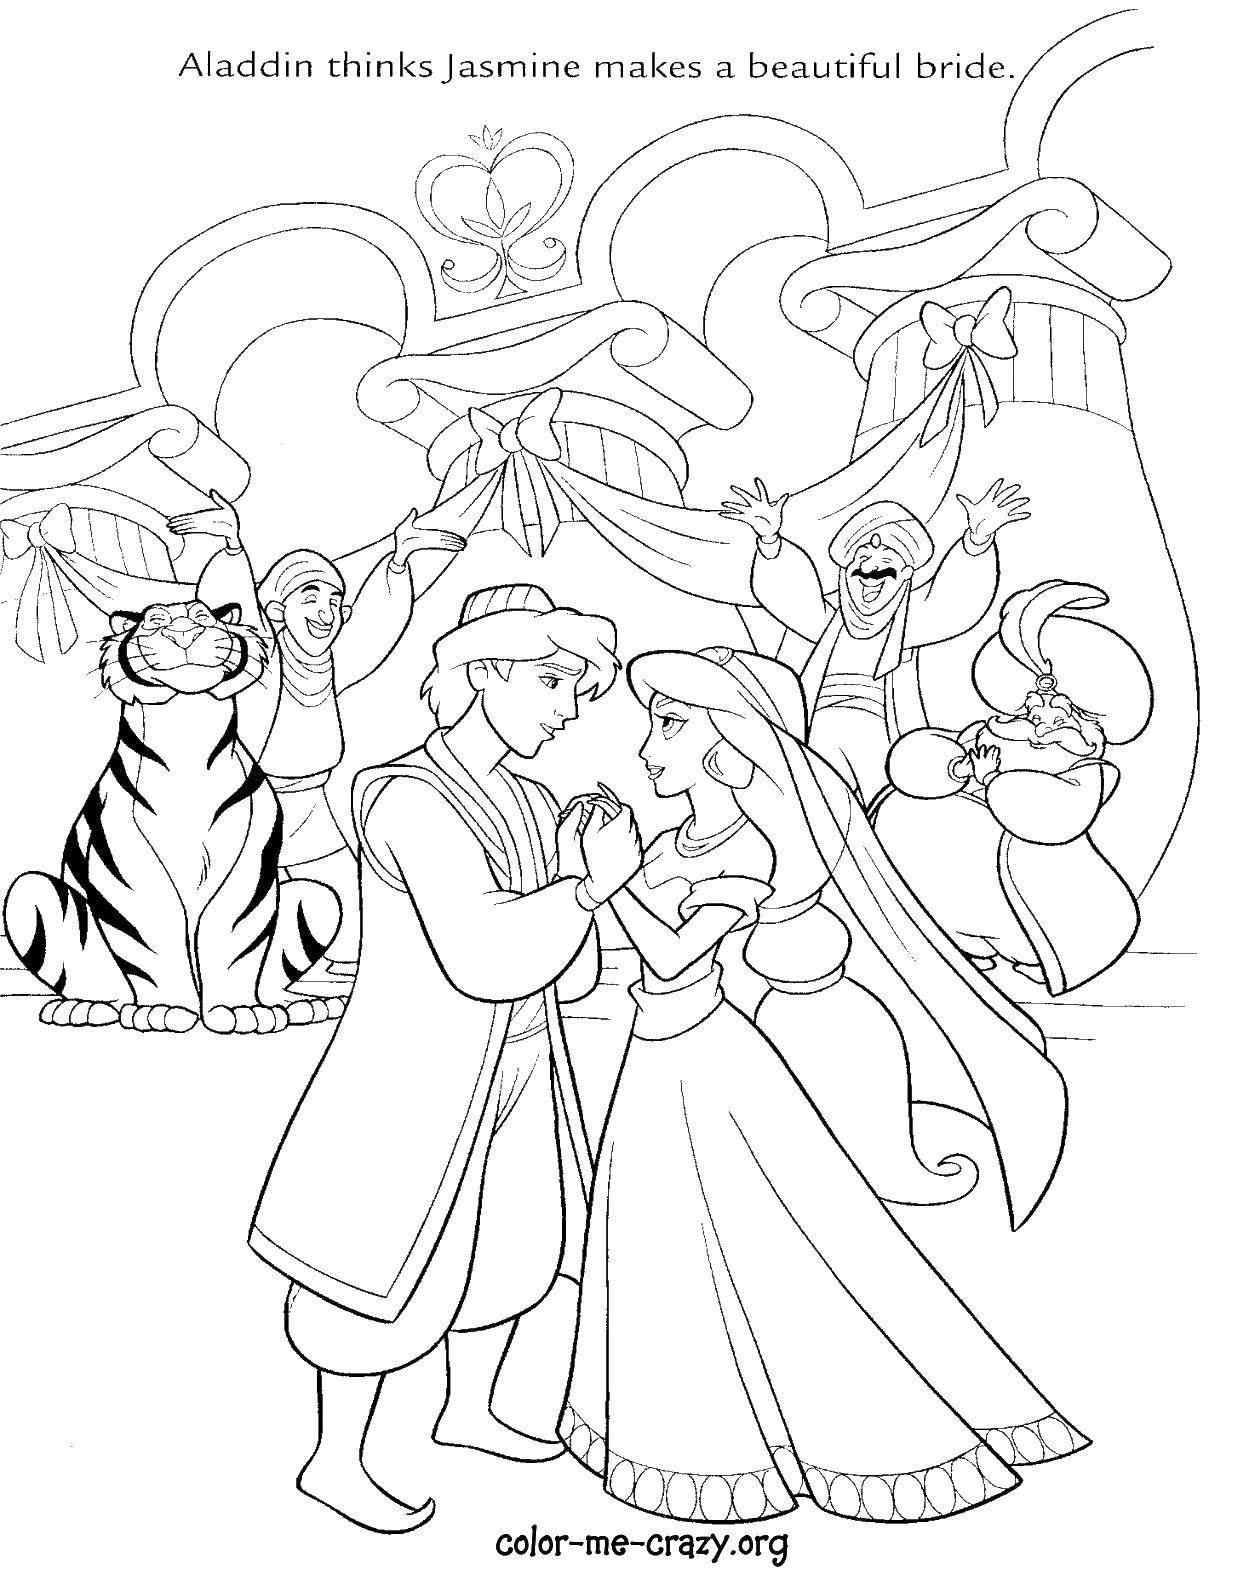 Раскраски жасмин, Раскраска Алладин и жасмин Принцессы.